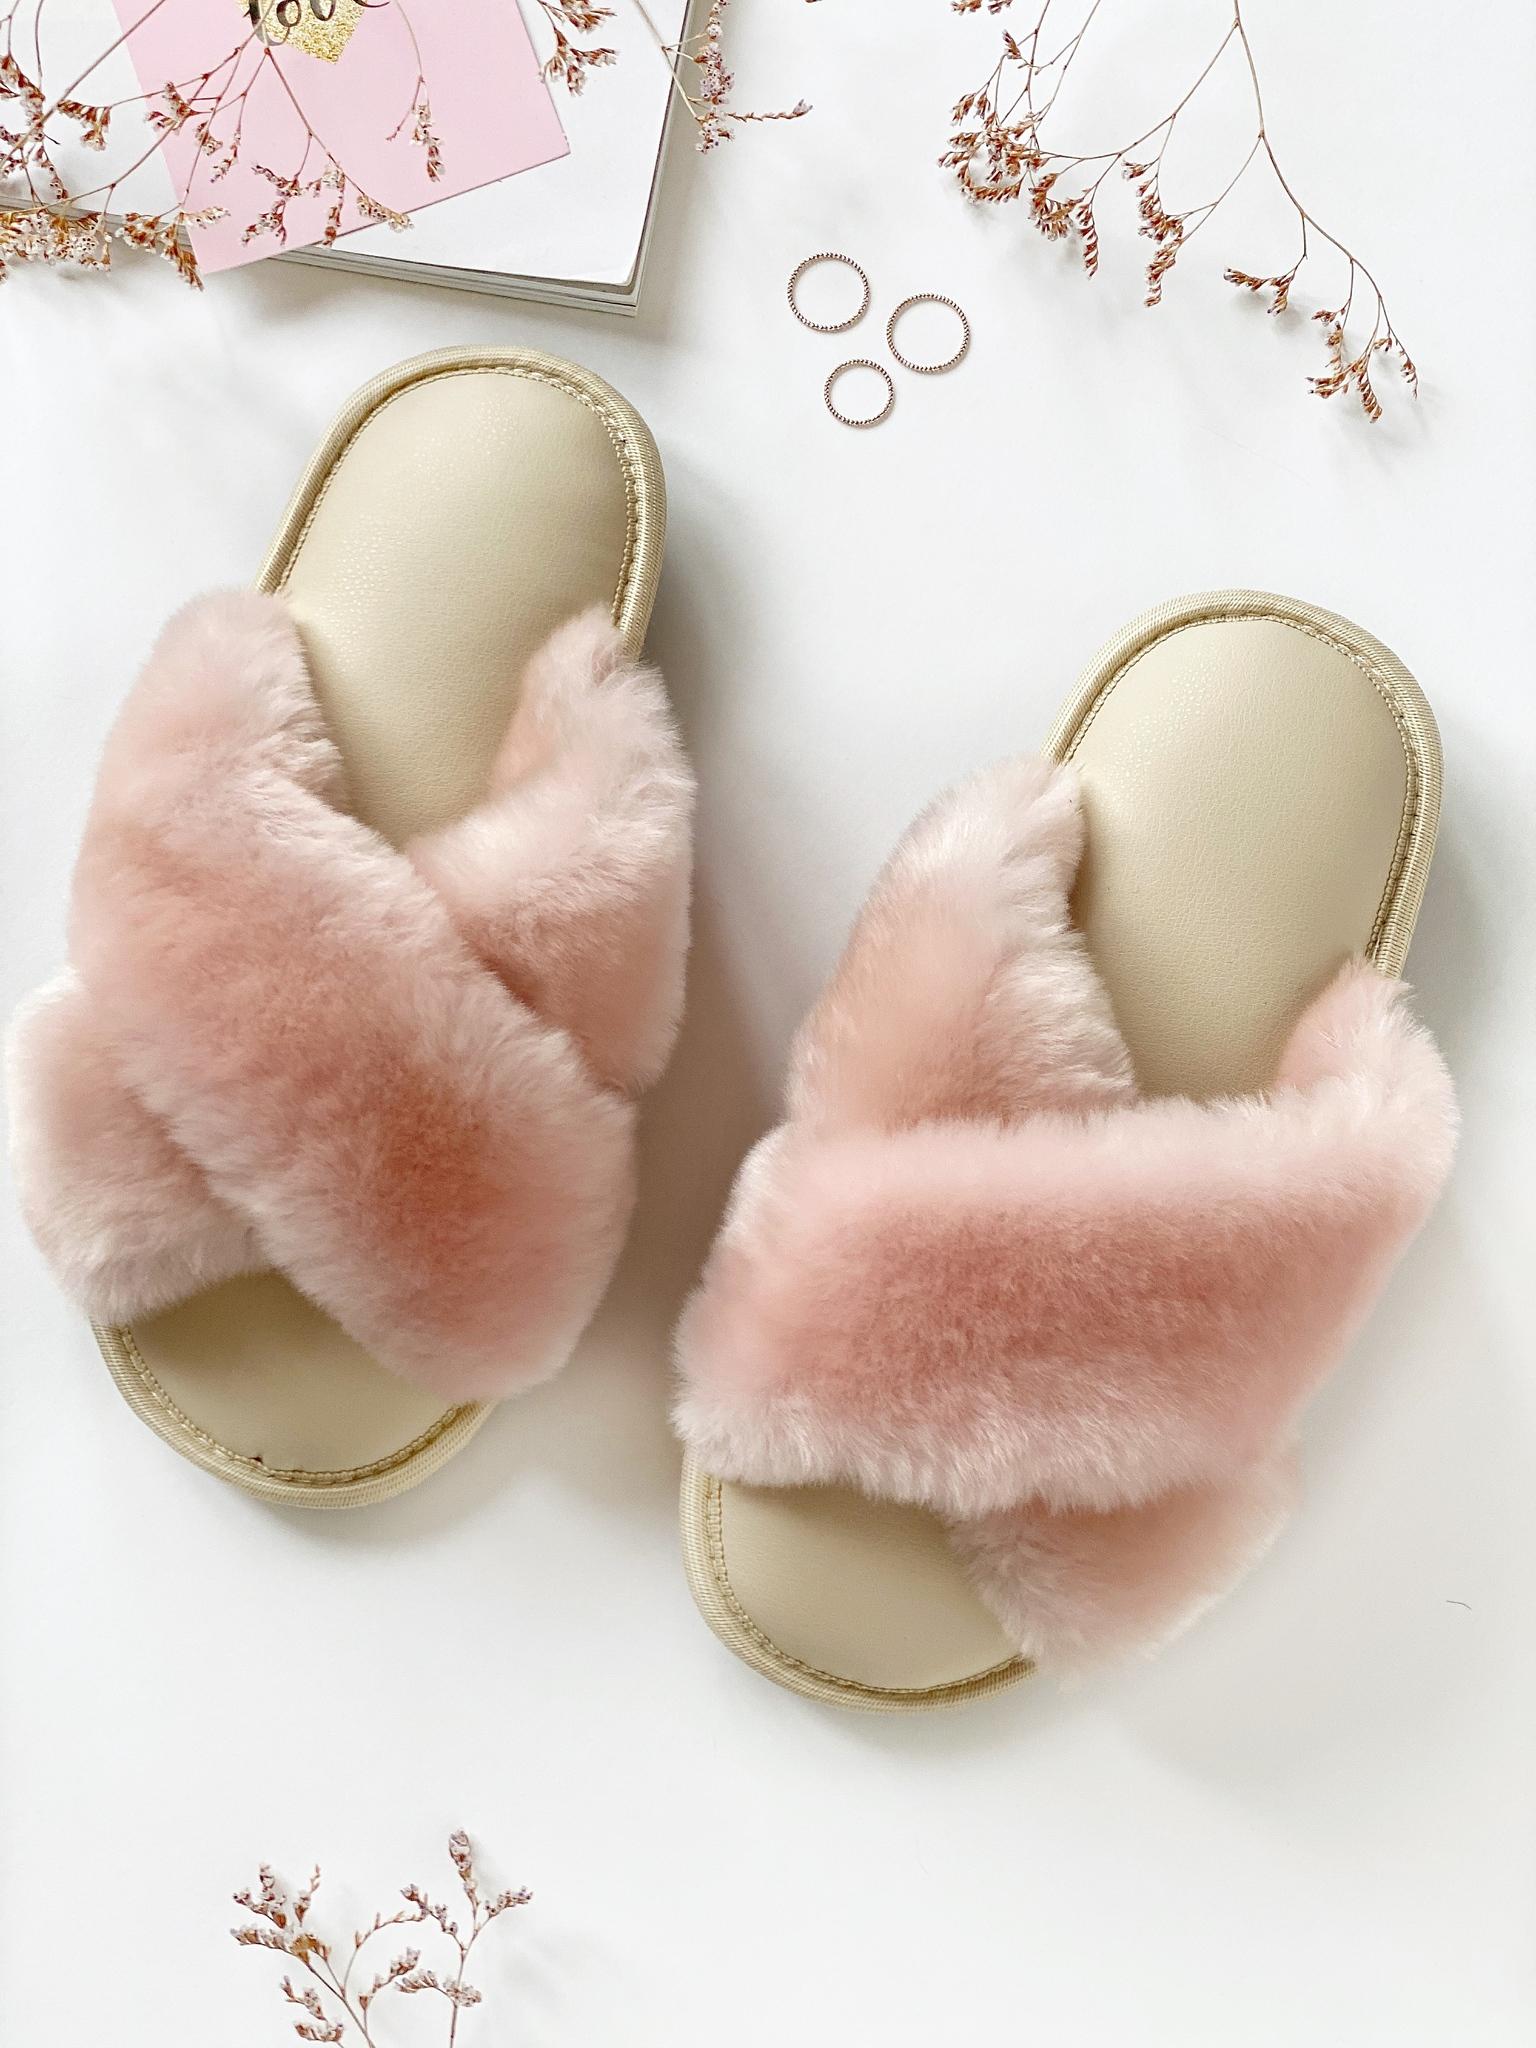 Меховые тапочки розовые с перекрестными шлейками и стелькой из экокожи бежевой